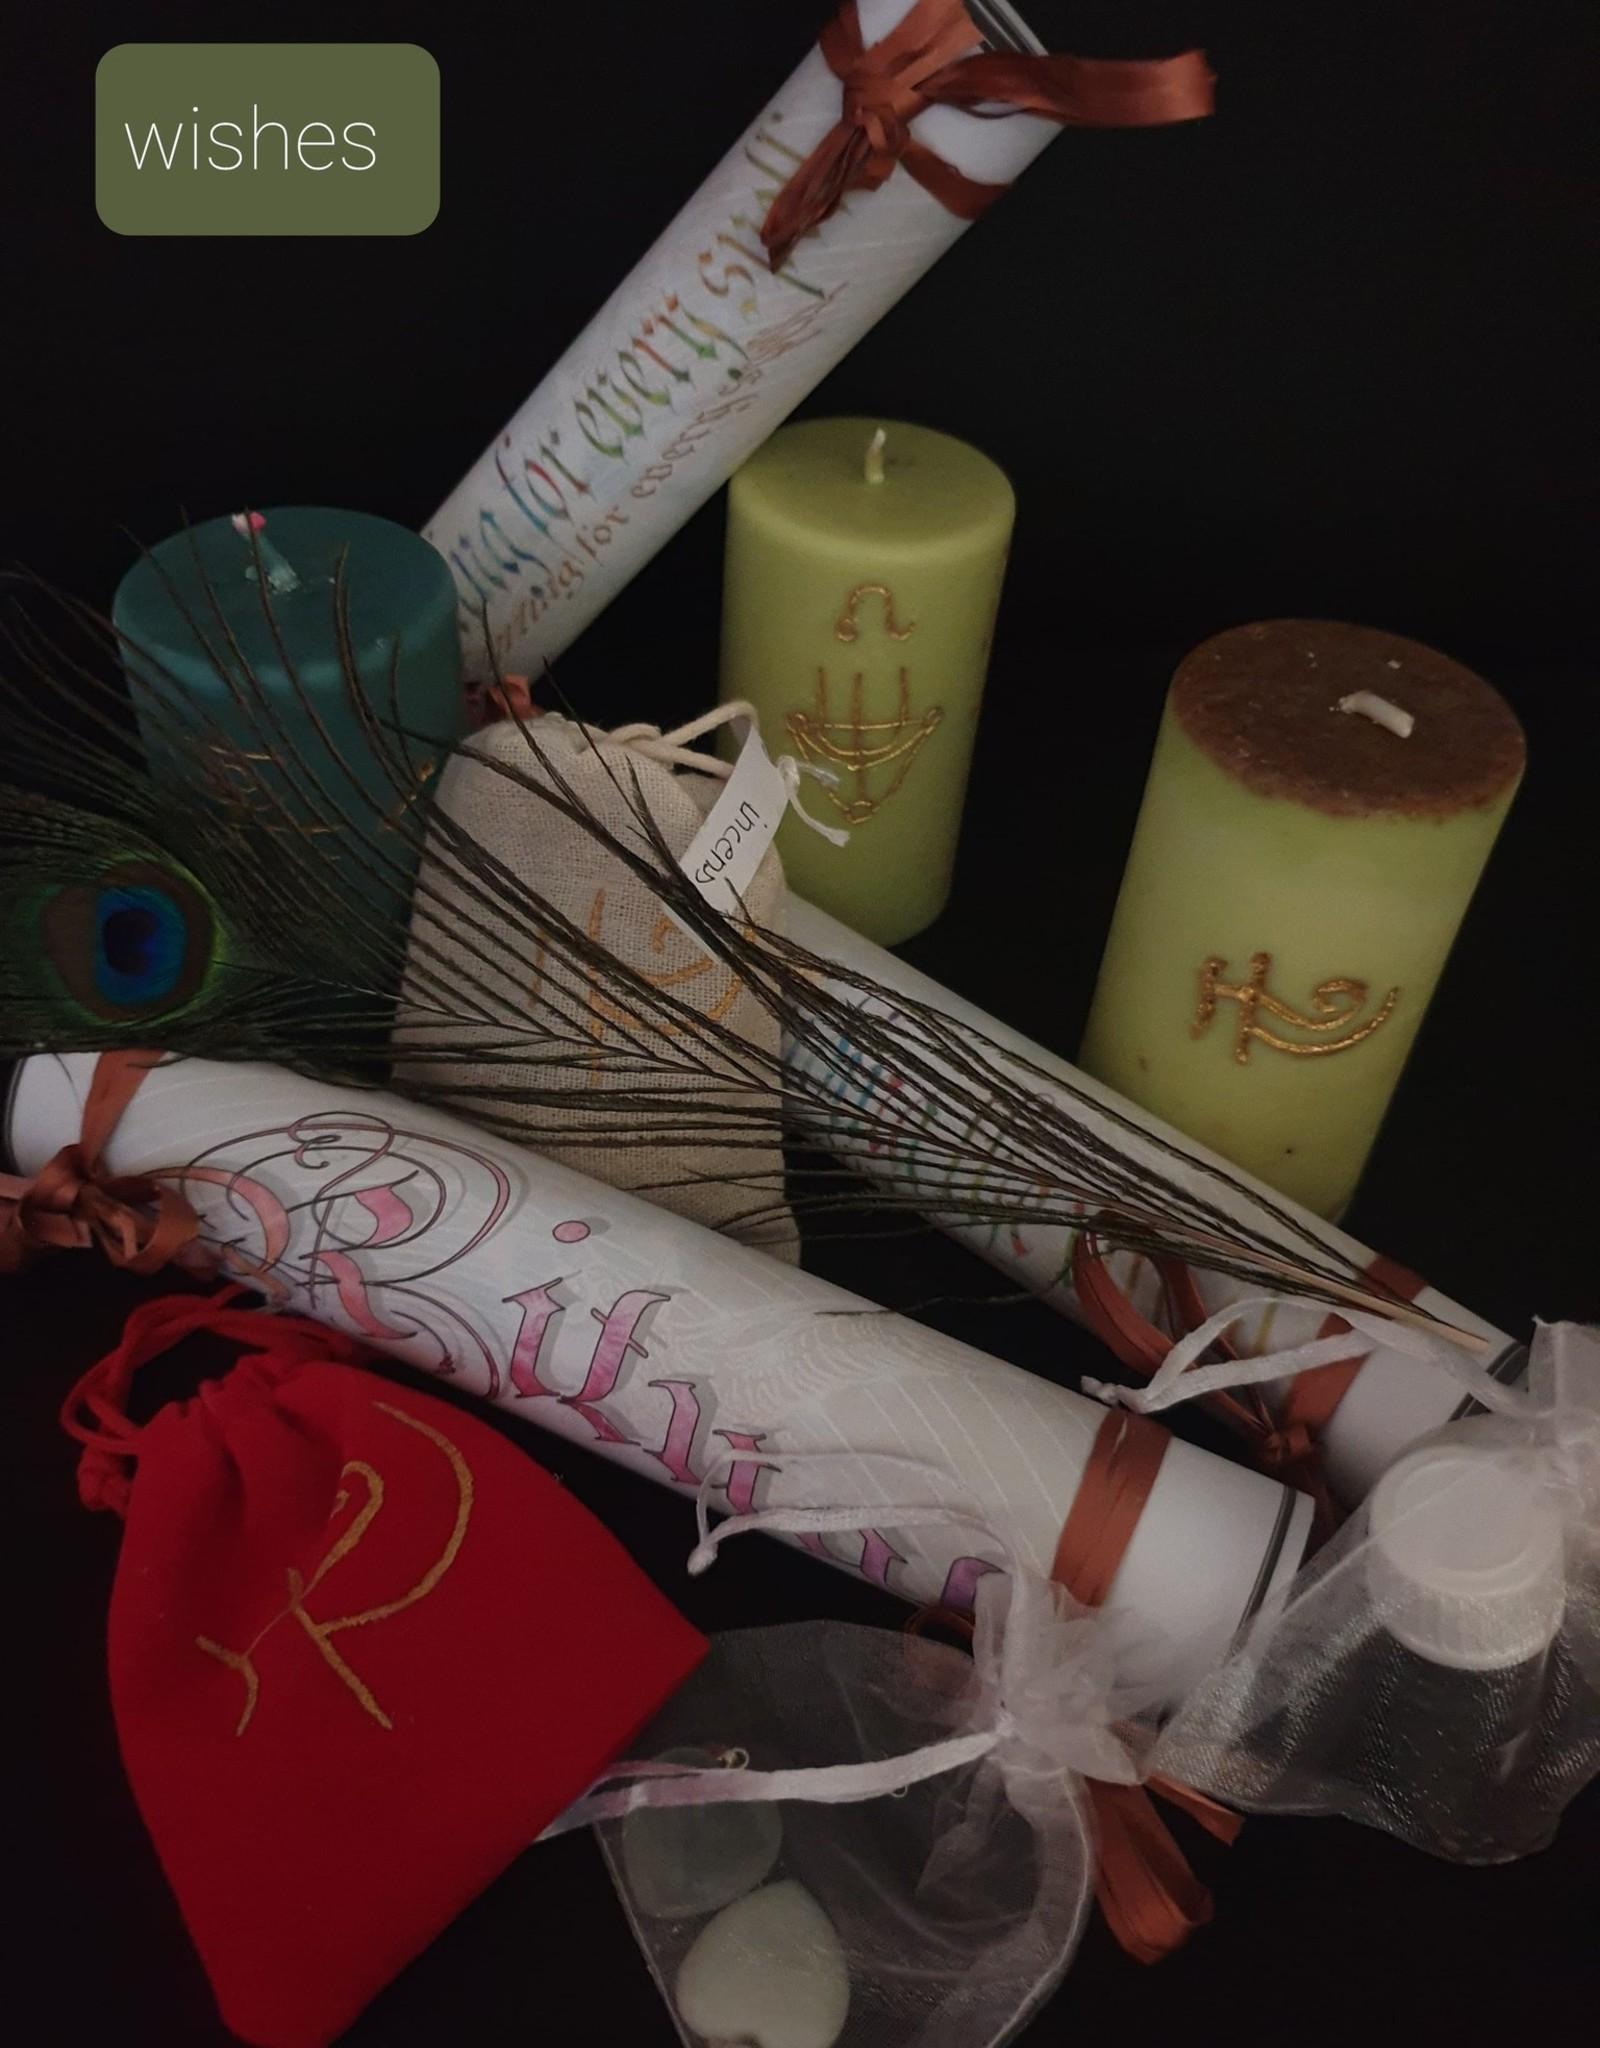 seazido - wevyra ritueel voor het aanvragen voor succes in je zaak , zelf uit te voeren thuis.